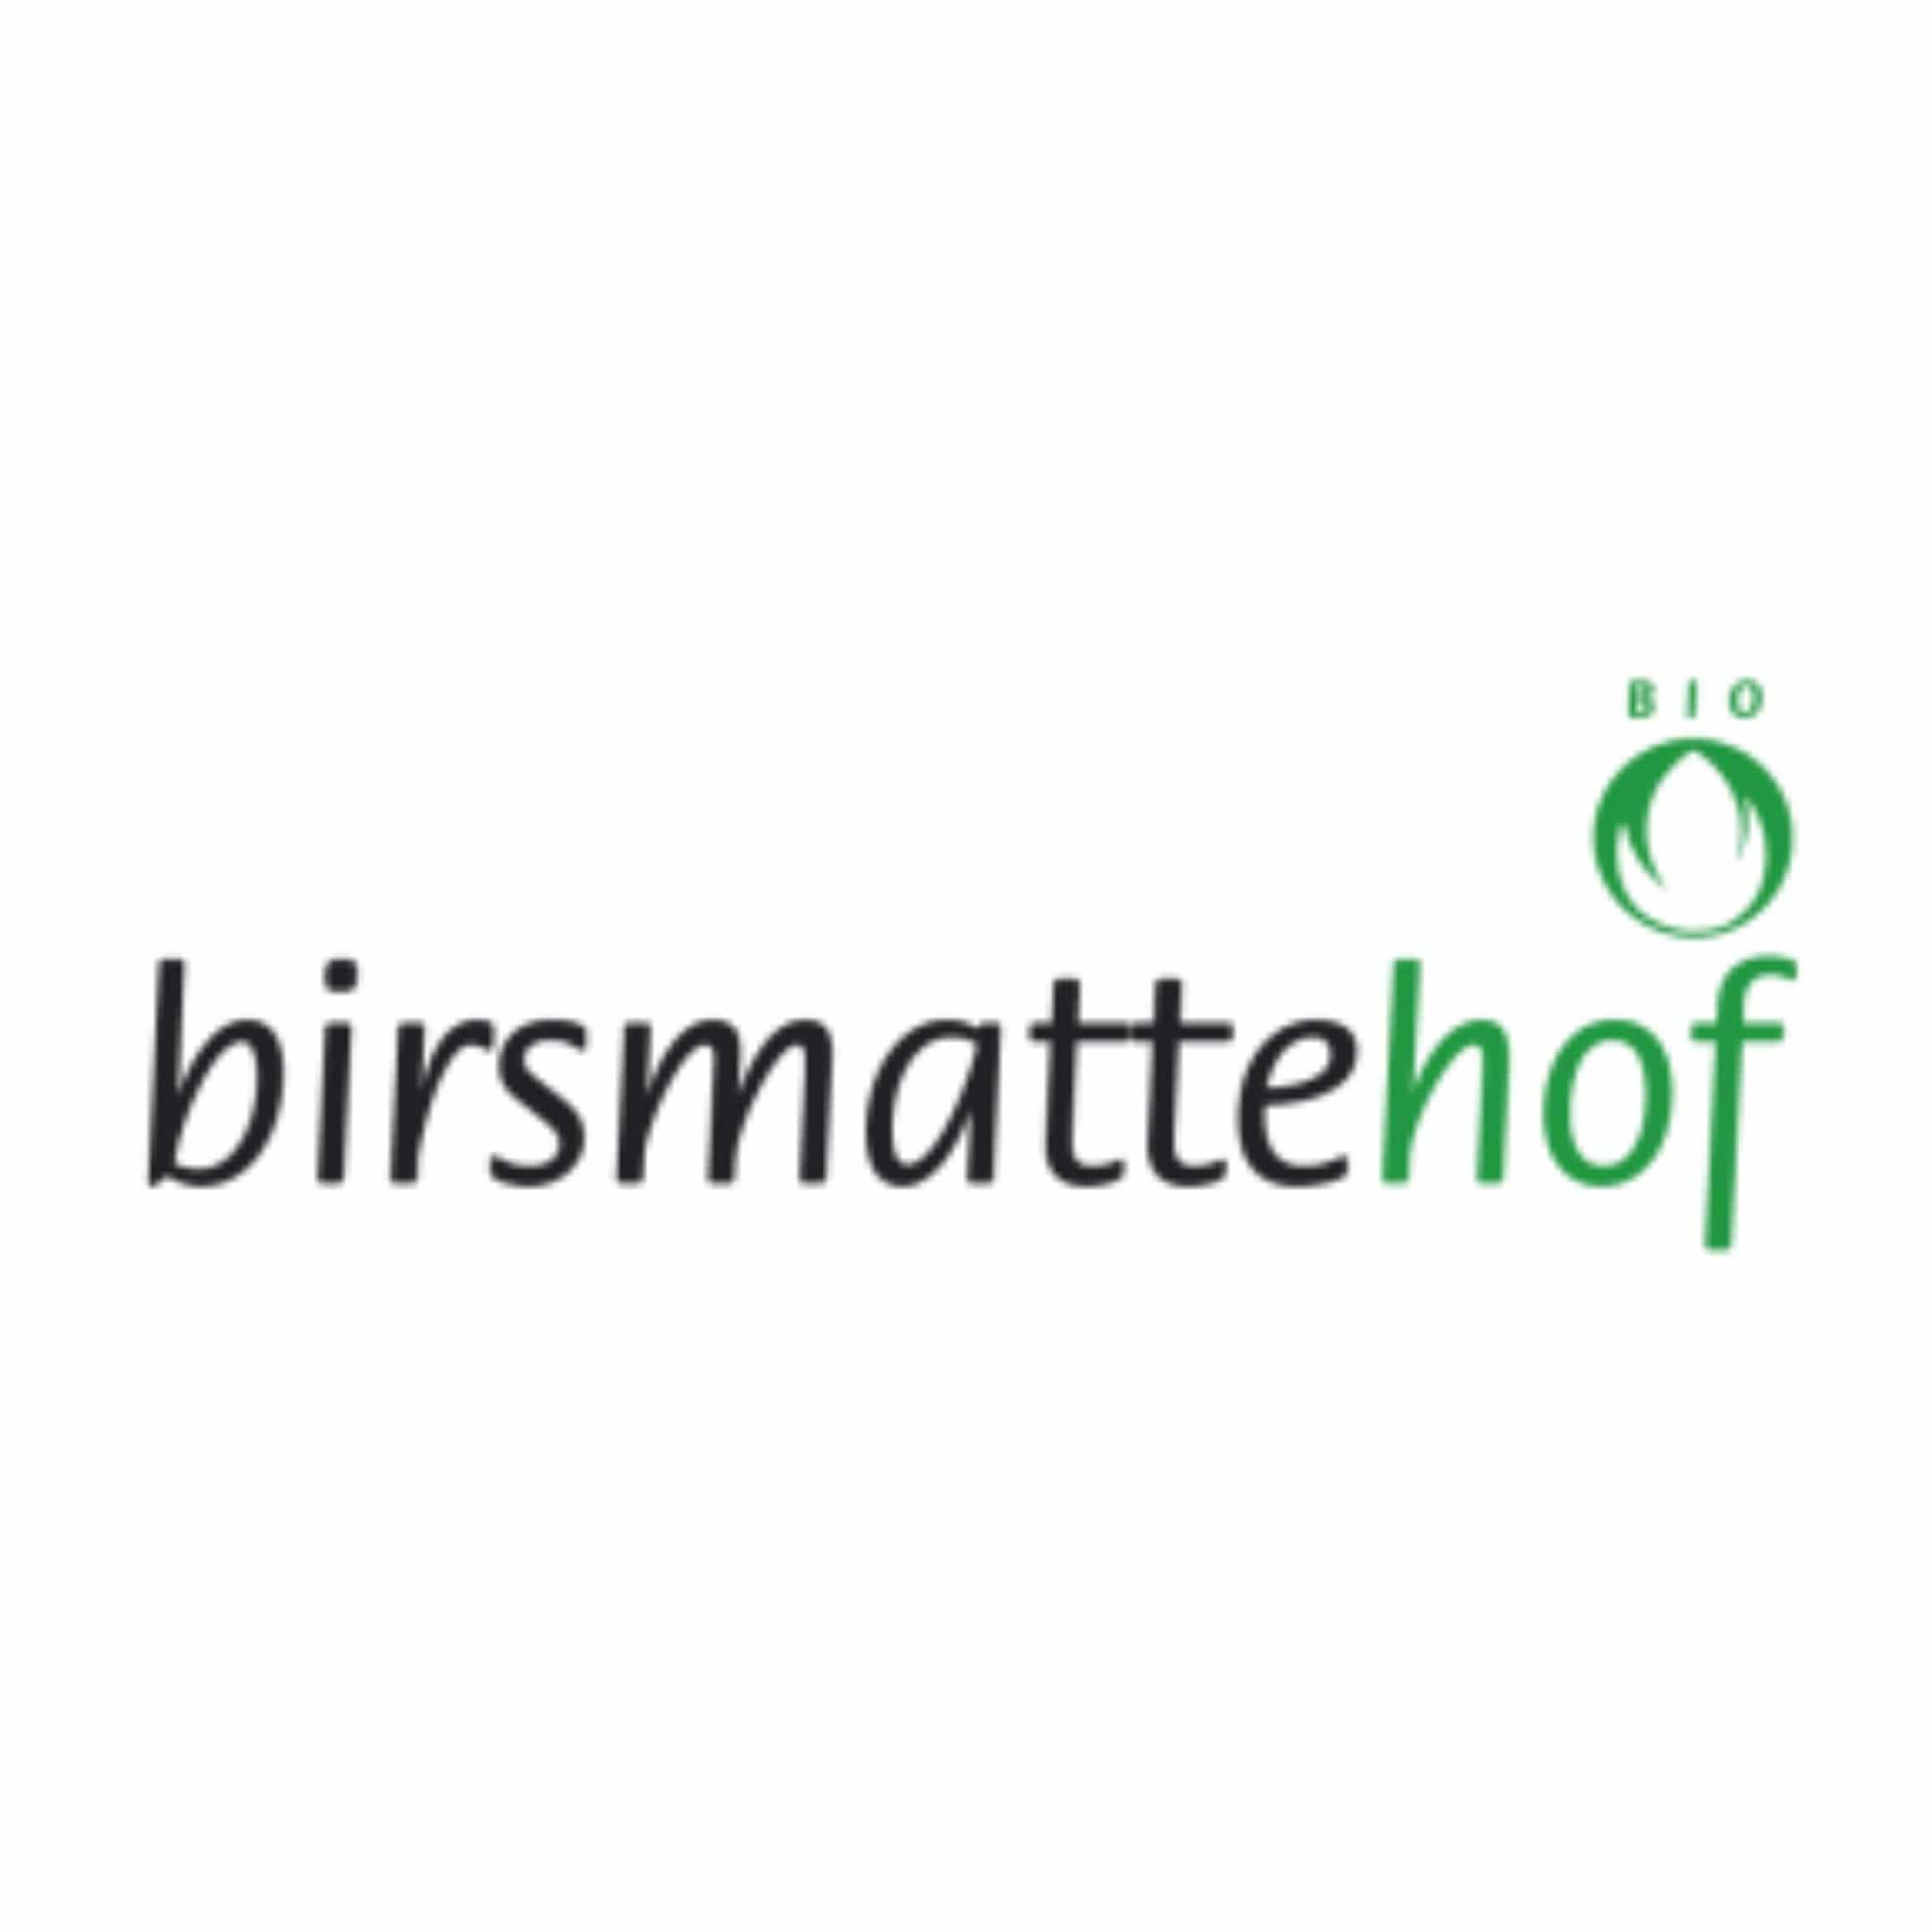 Agrico Genossenschaft | Birsmattehof